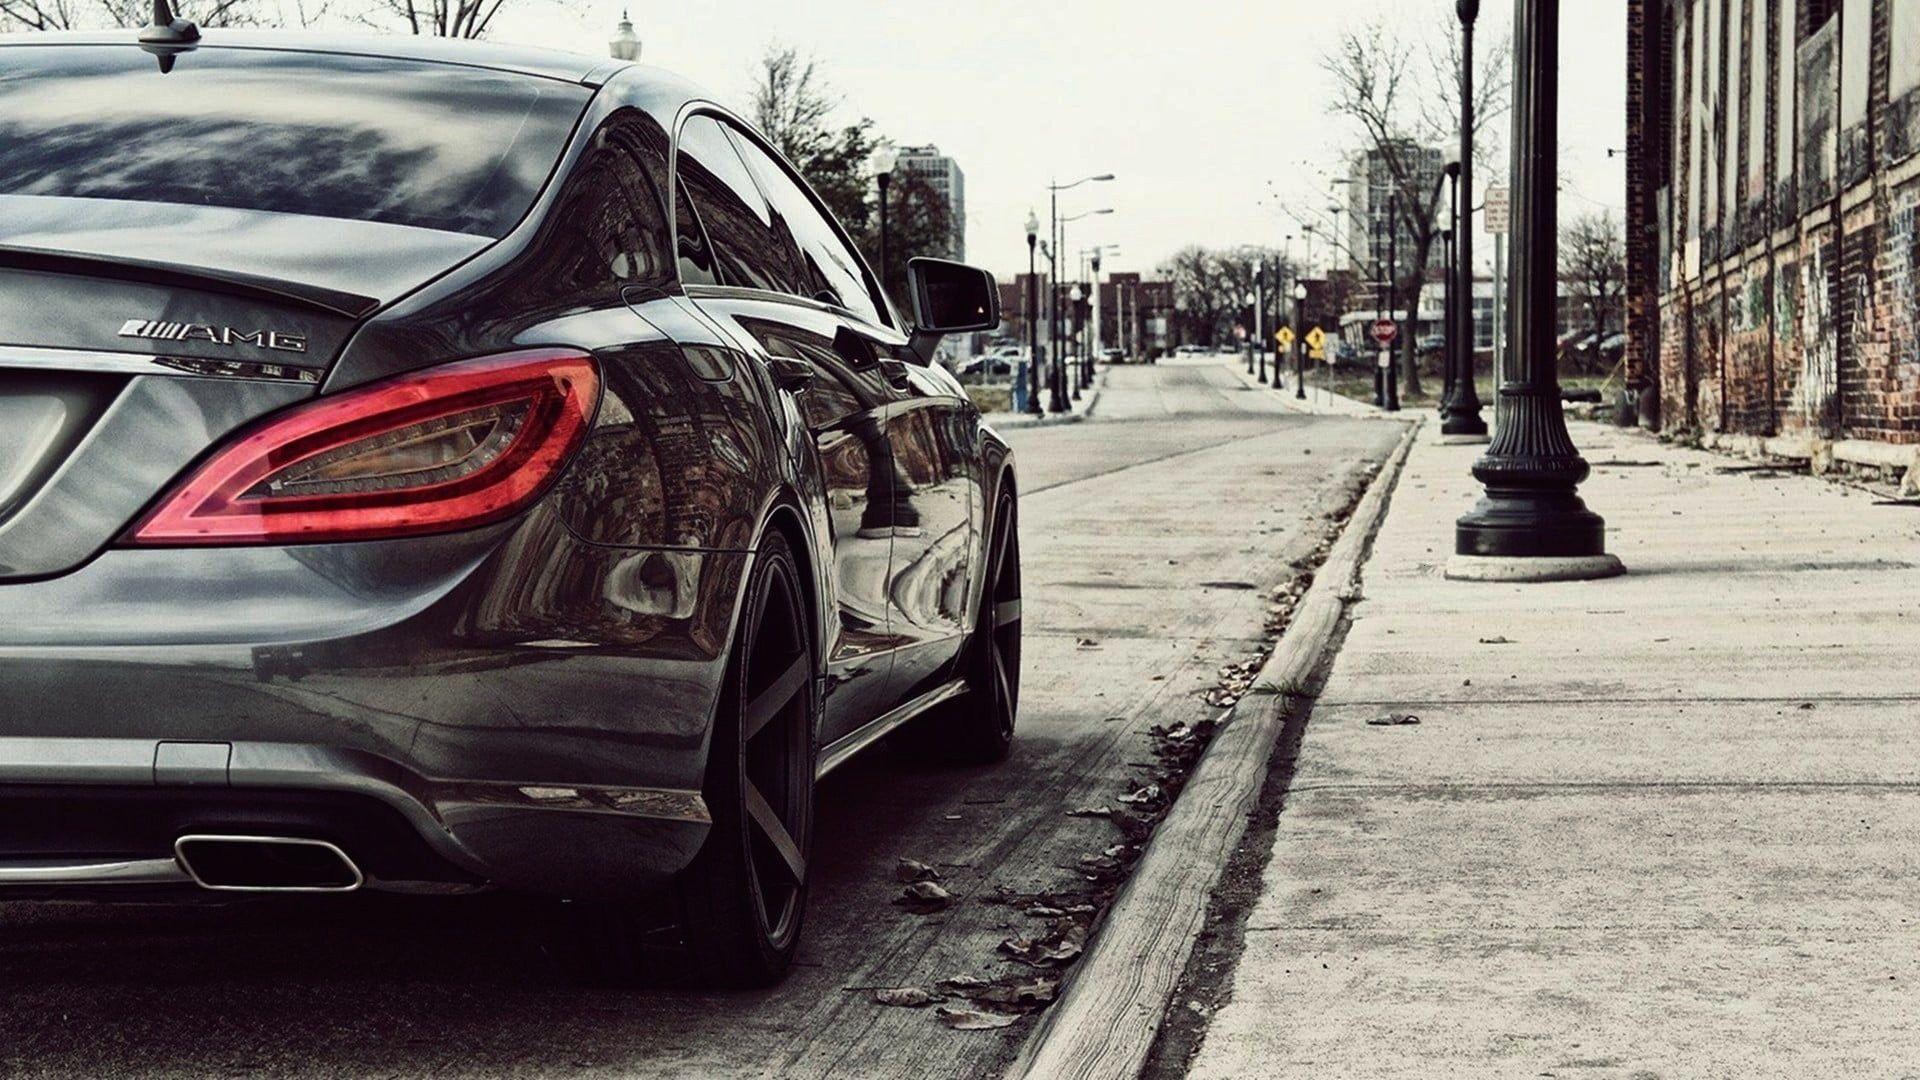 sedan Mercedes-Benz CLS mercedes clsblack sedan Mercedes-Benz CLS mercedes cls  13 Anugerah Allah S